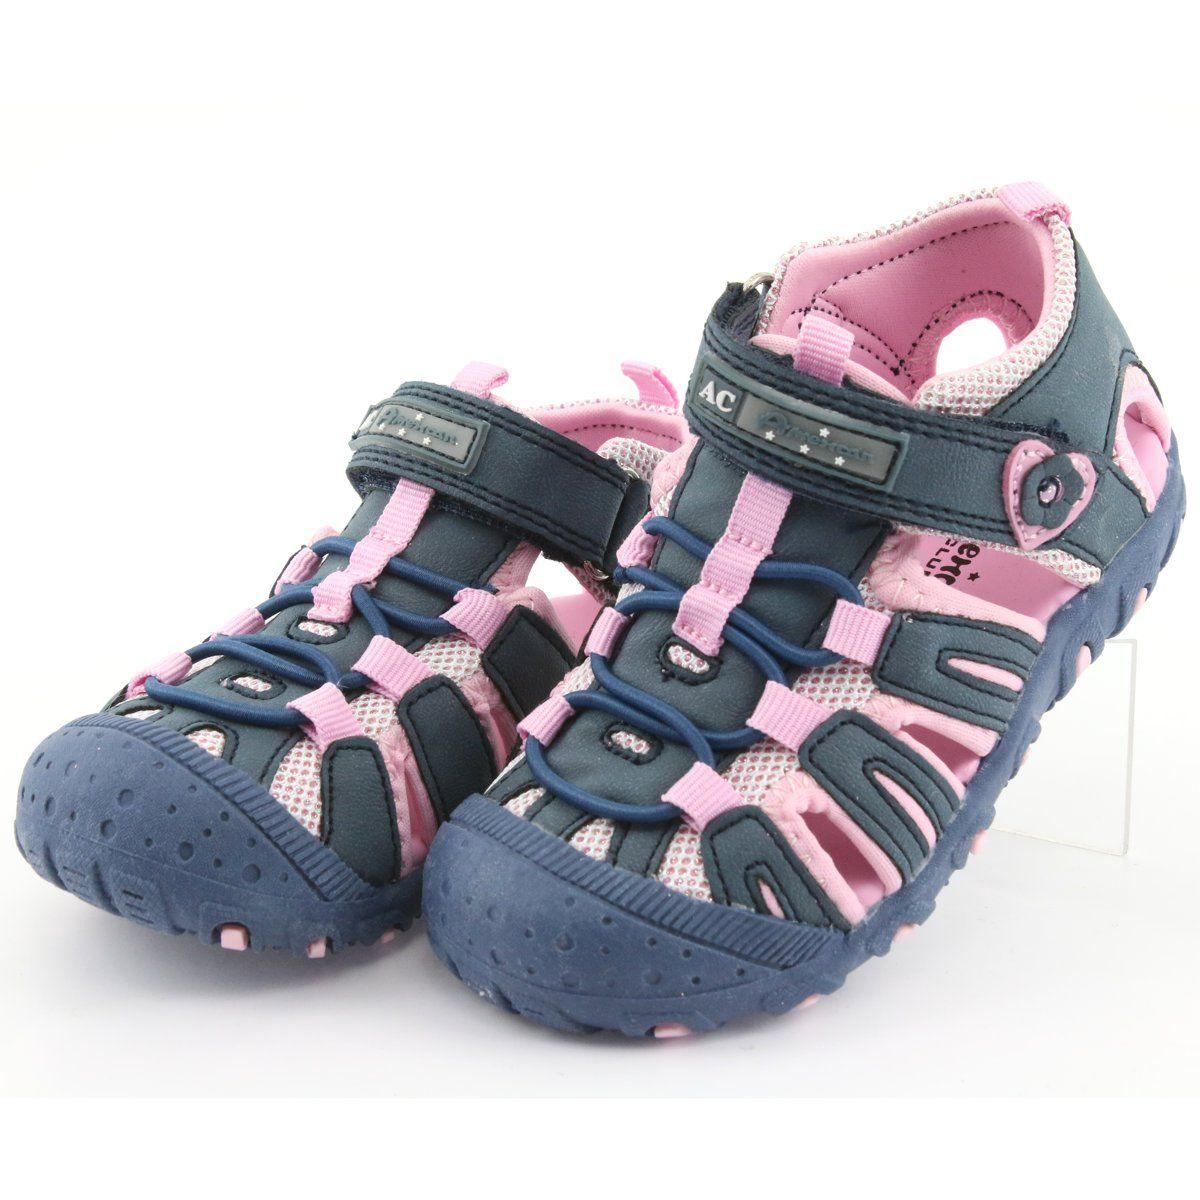 Sandalki Sportowe American Club Niebieskie Rozowe Girls Sandals Kid Shoes Sandals